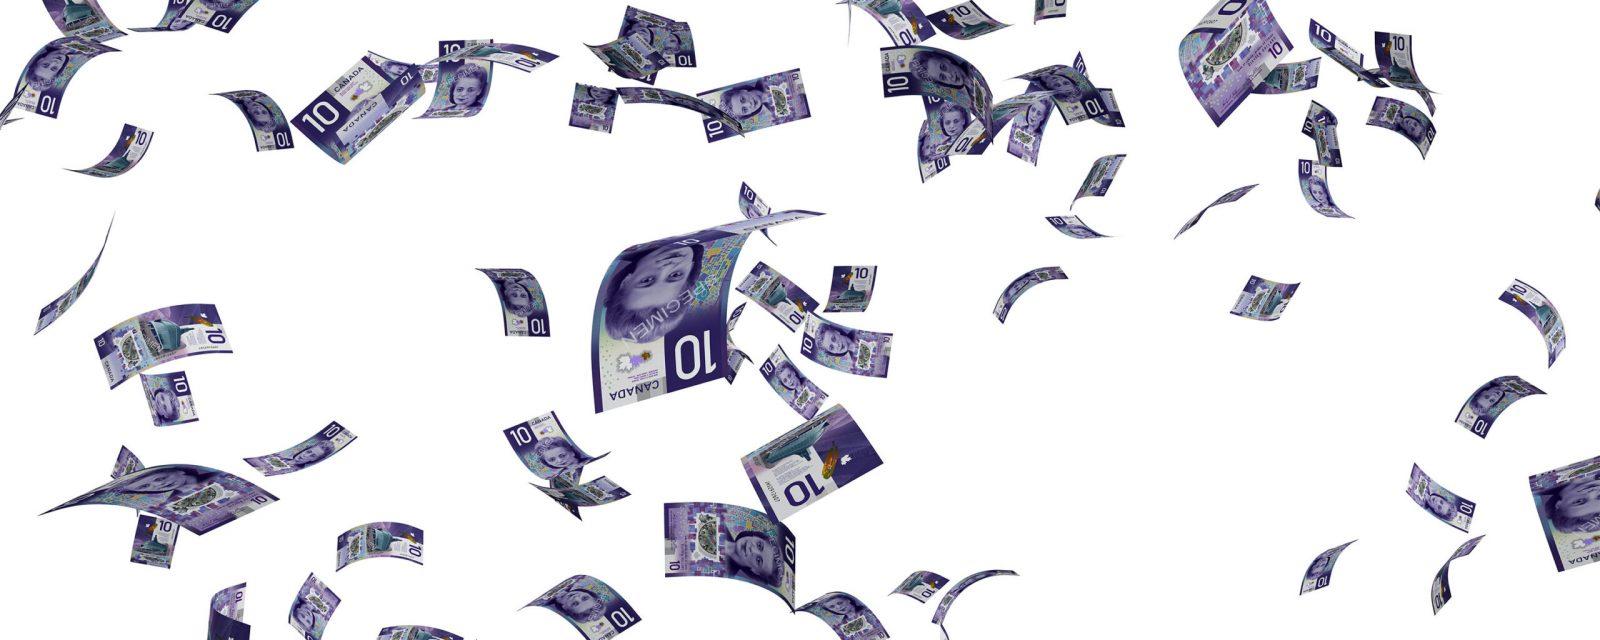 La dette fédérale approche 1 000 000 000 000 $ et on craint une spirale